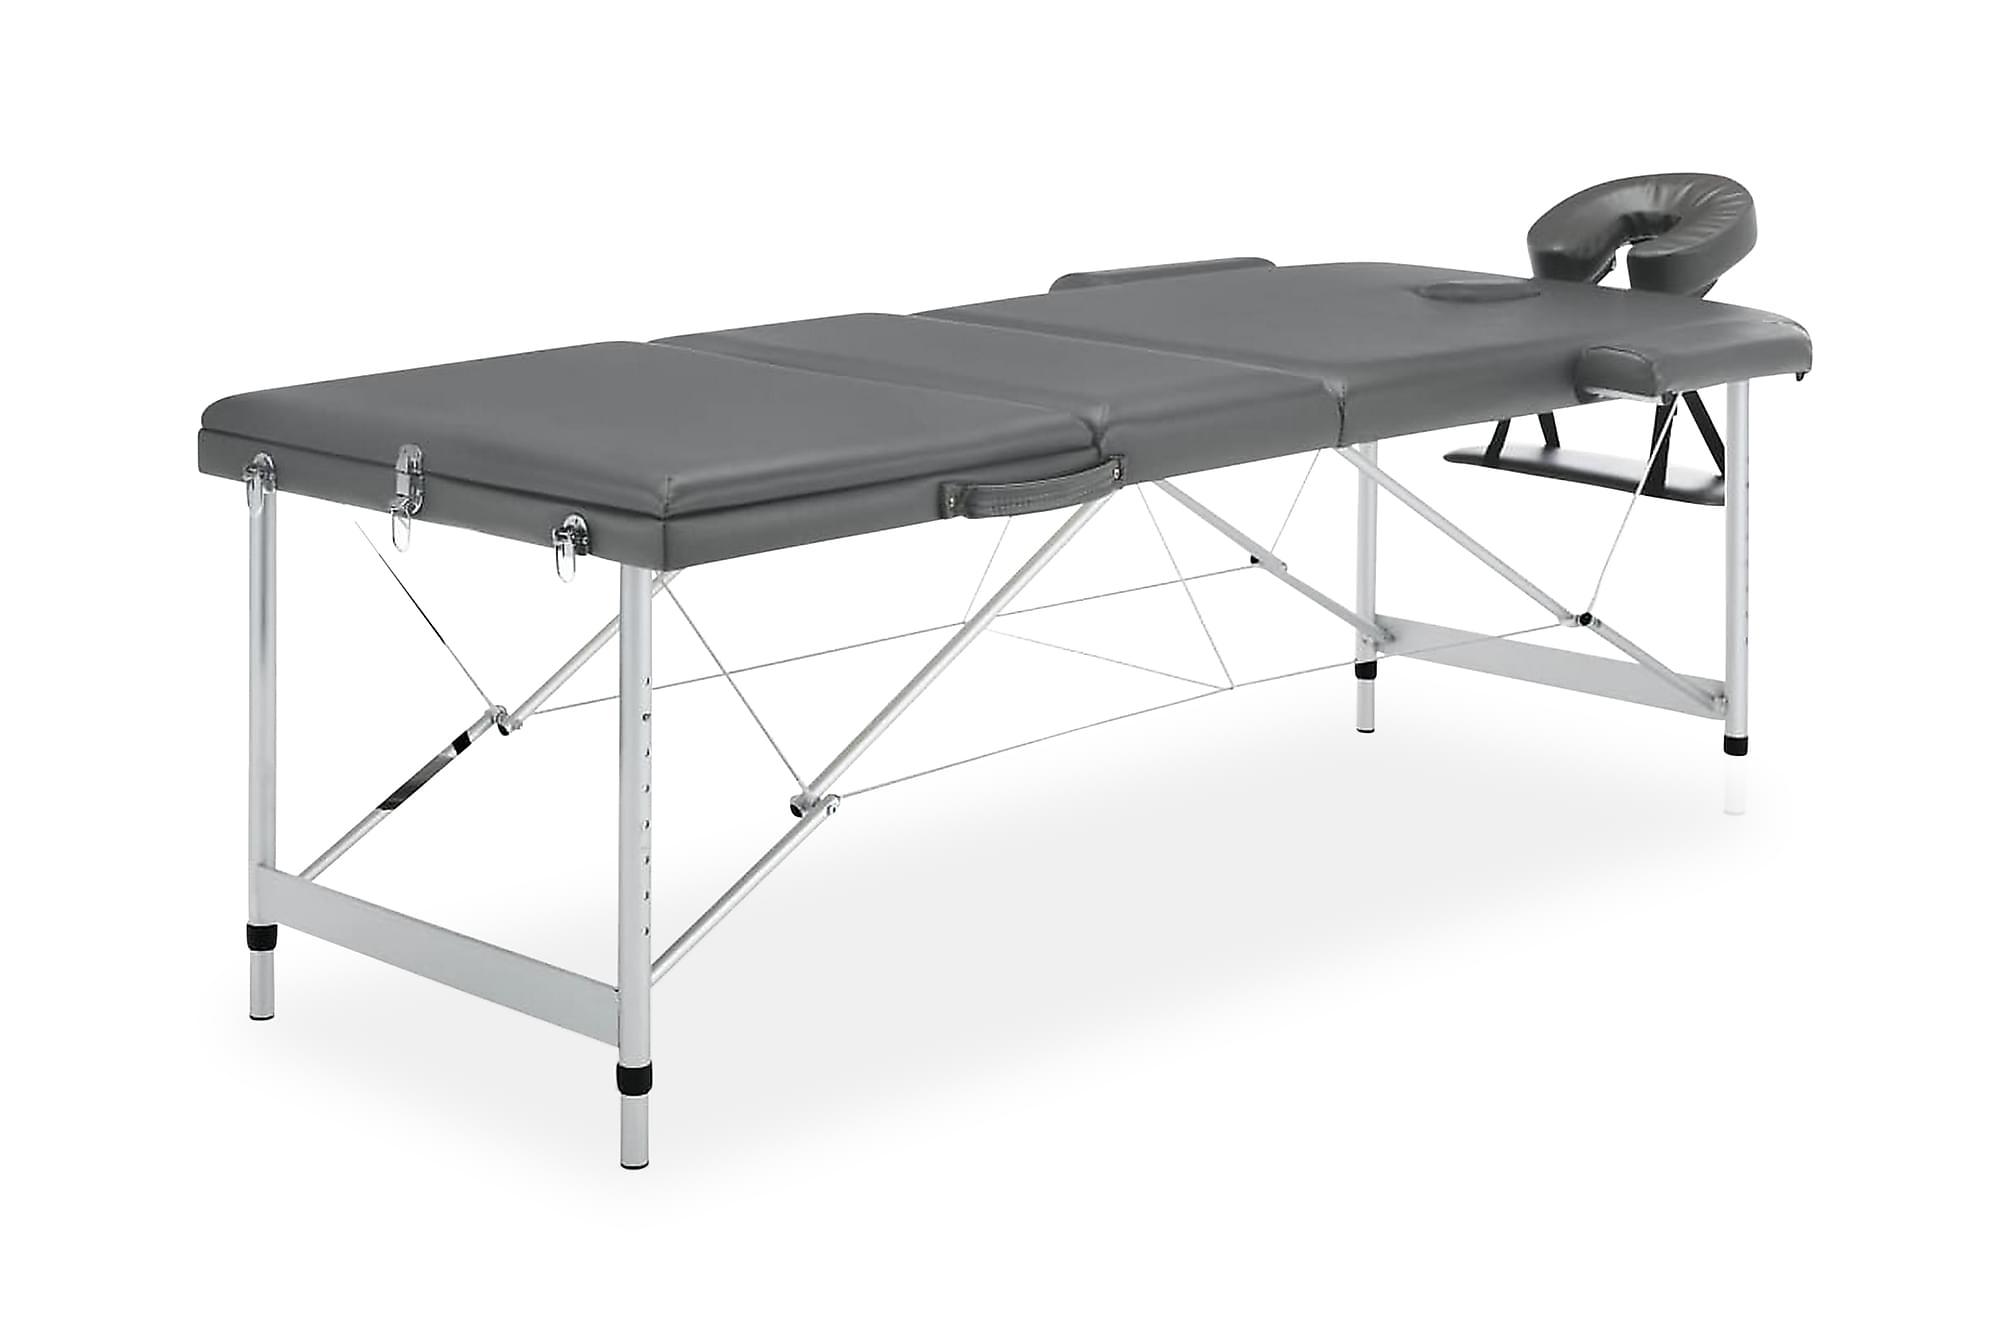 Massagebänk med 3 zoner aluminiumram antracit 186×68 cm